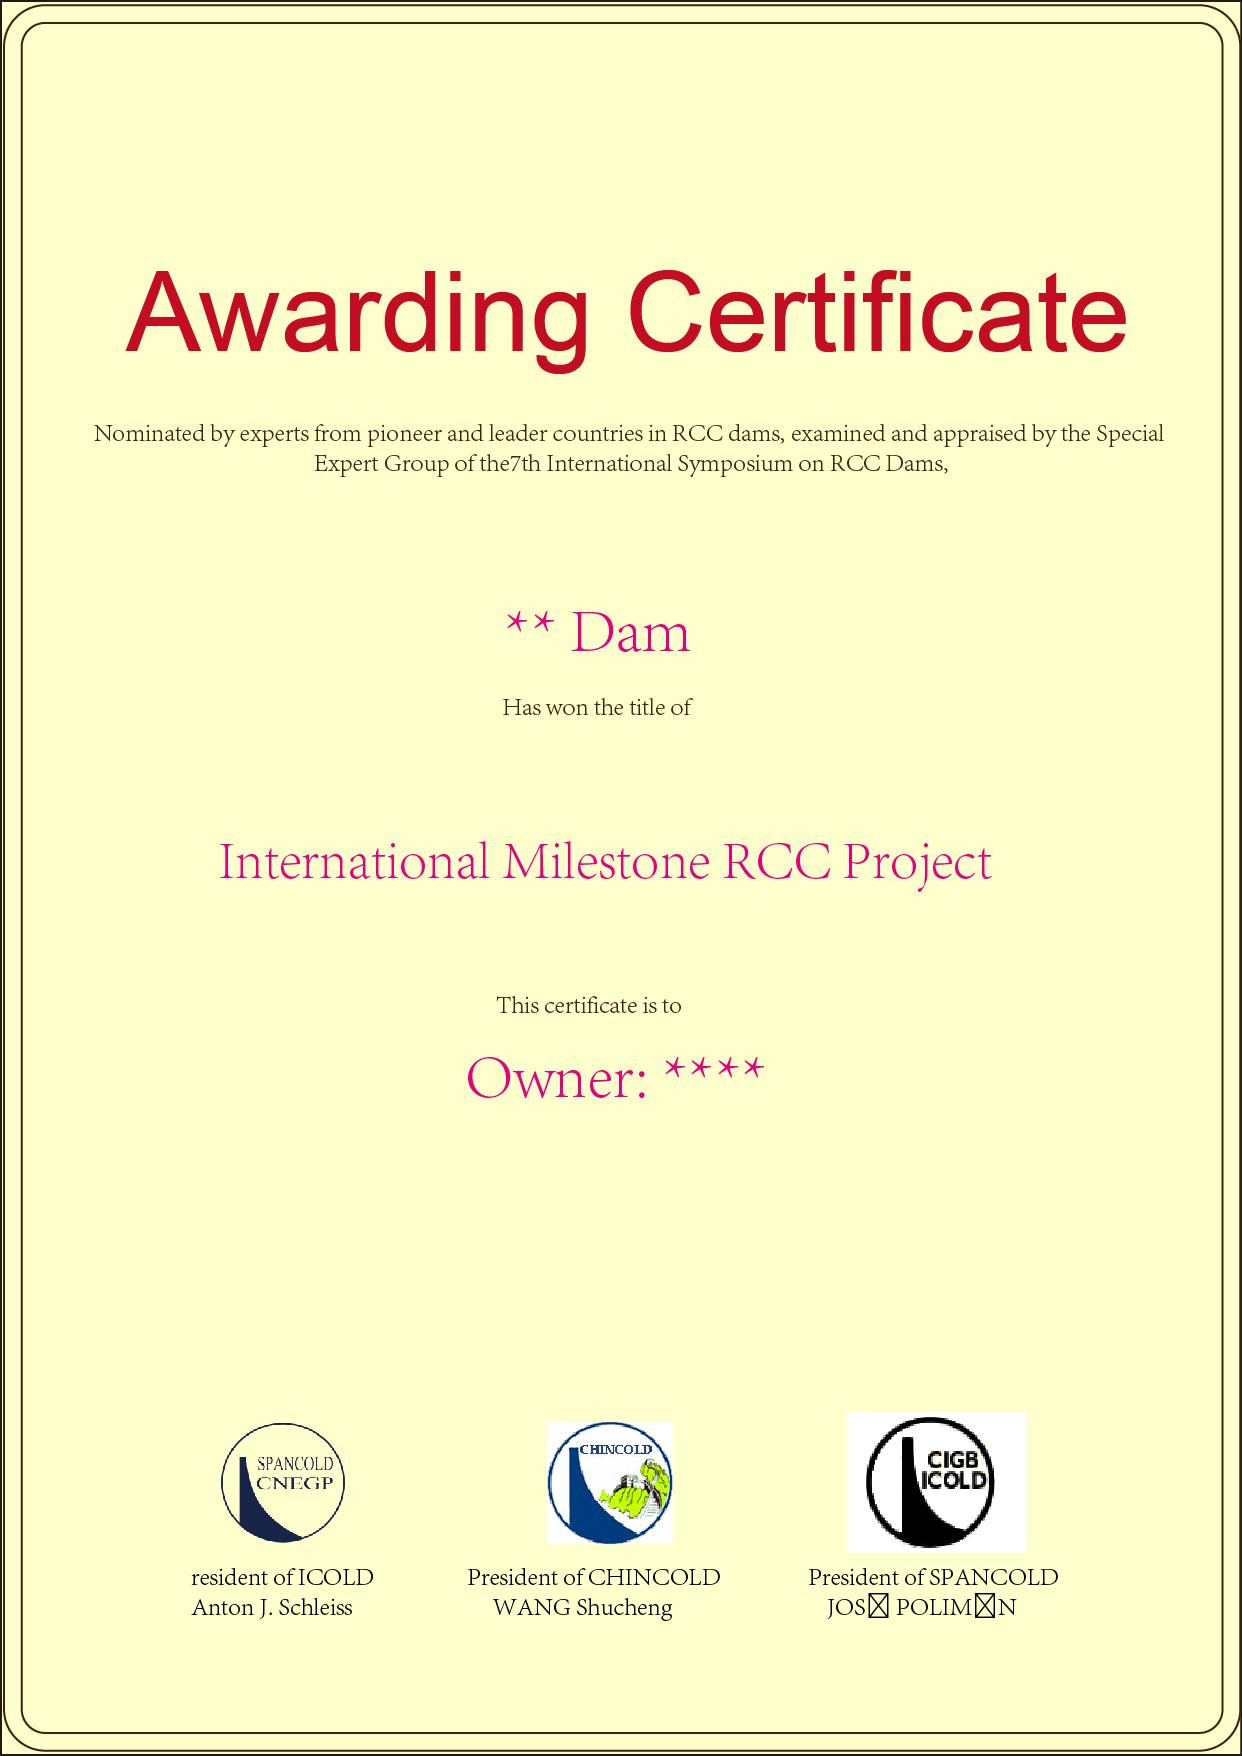 证书设计_2883221_k68威客网